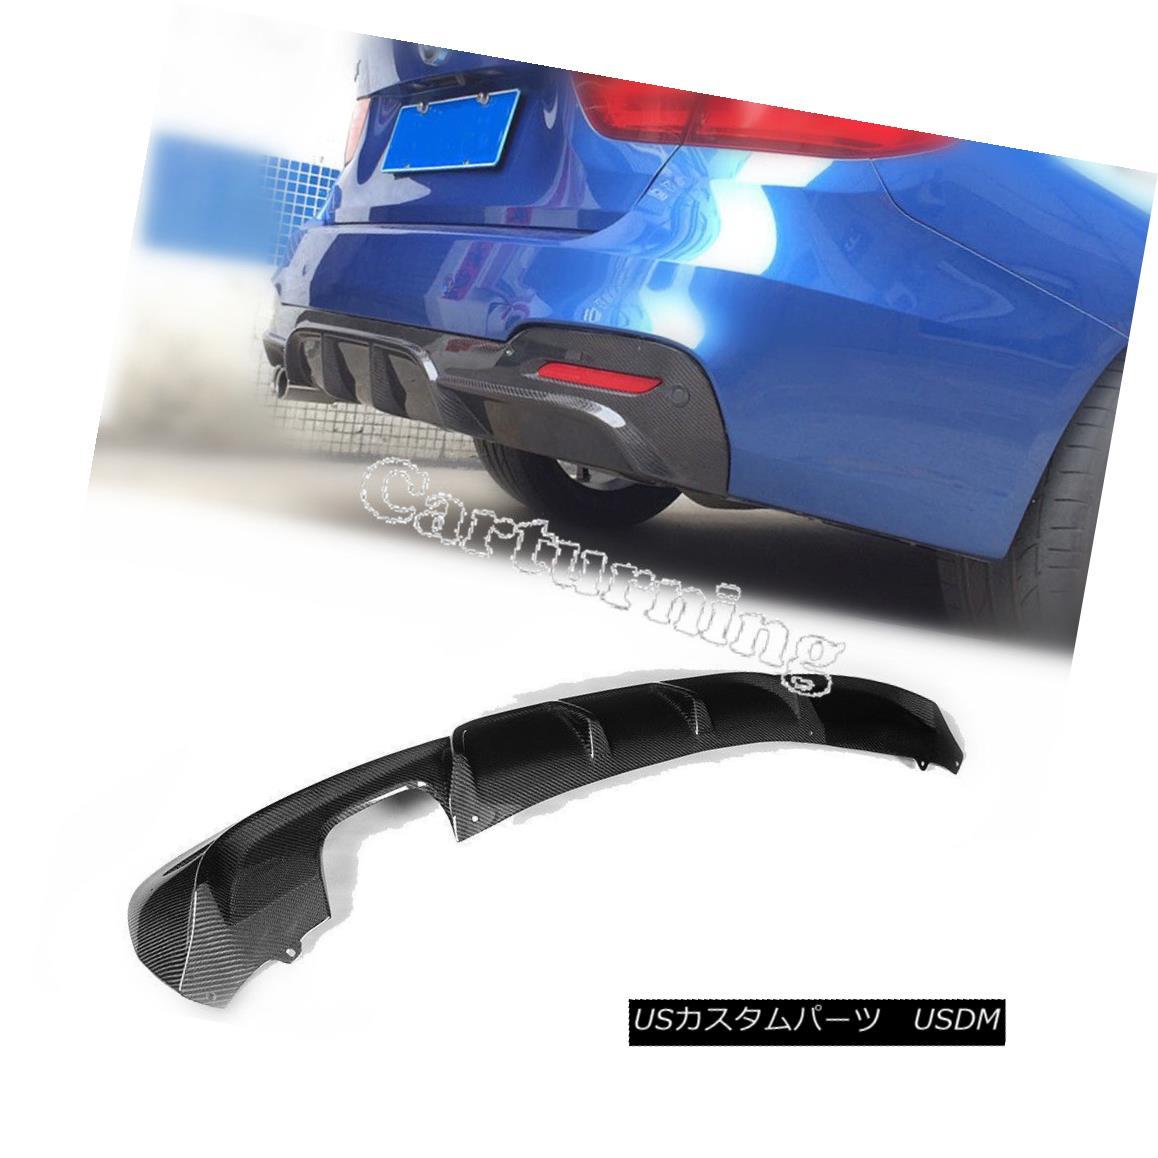 エアロパーツ Carbon Fiber Rear Diffuser Lip Spoiler Fit for BMW 3 Series GT M SPORT 2014-2015 カーボンファイバーリアディフューザーリップスポイラーフィットBMW 3シリーズGT M SPORT 2014-2015